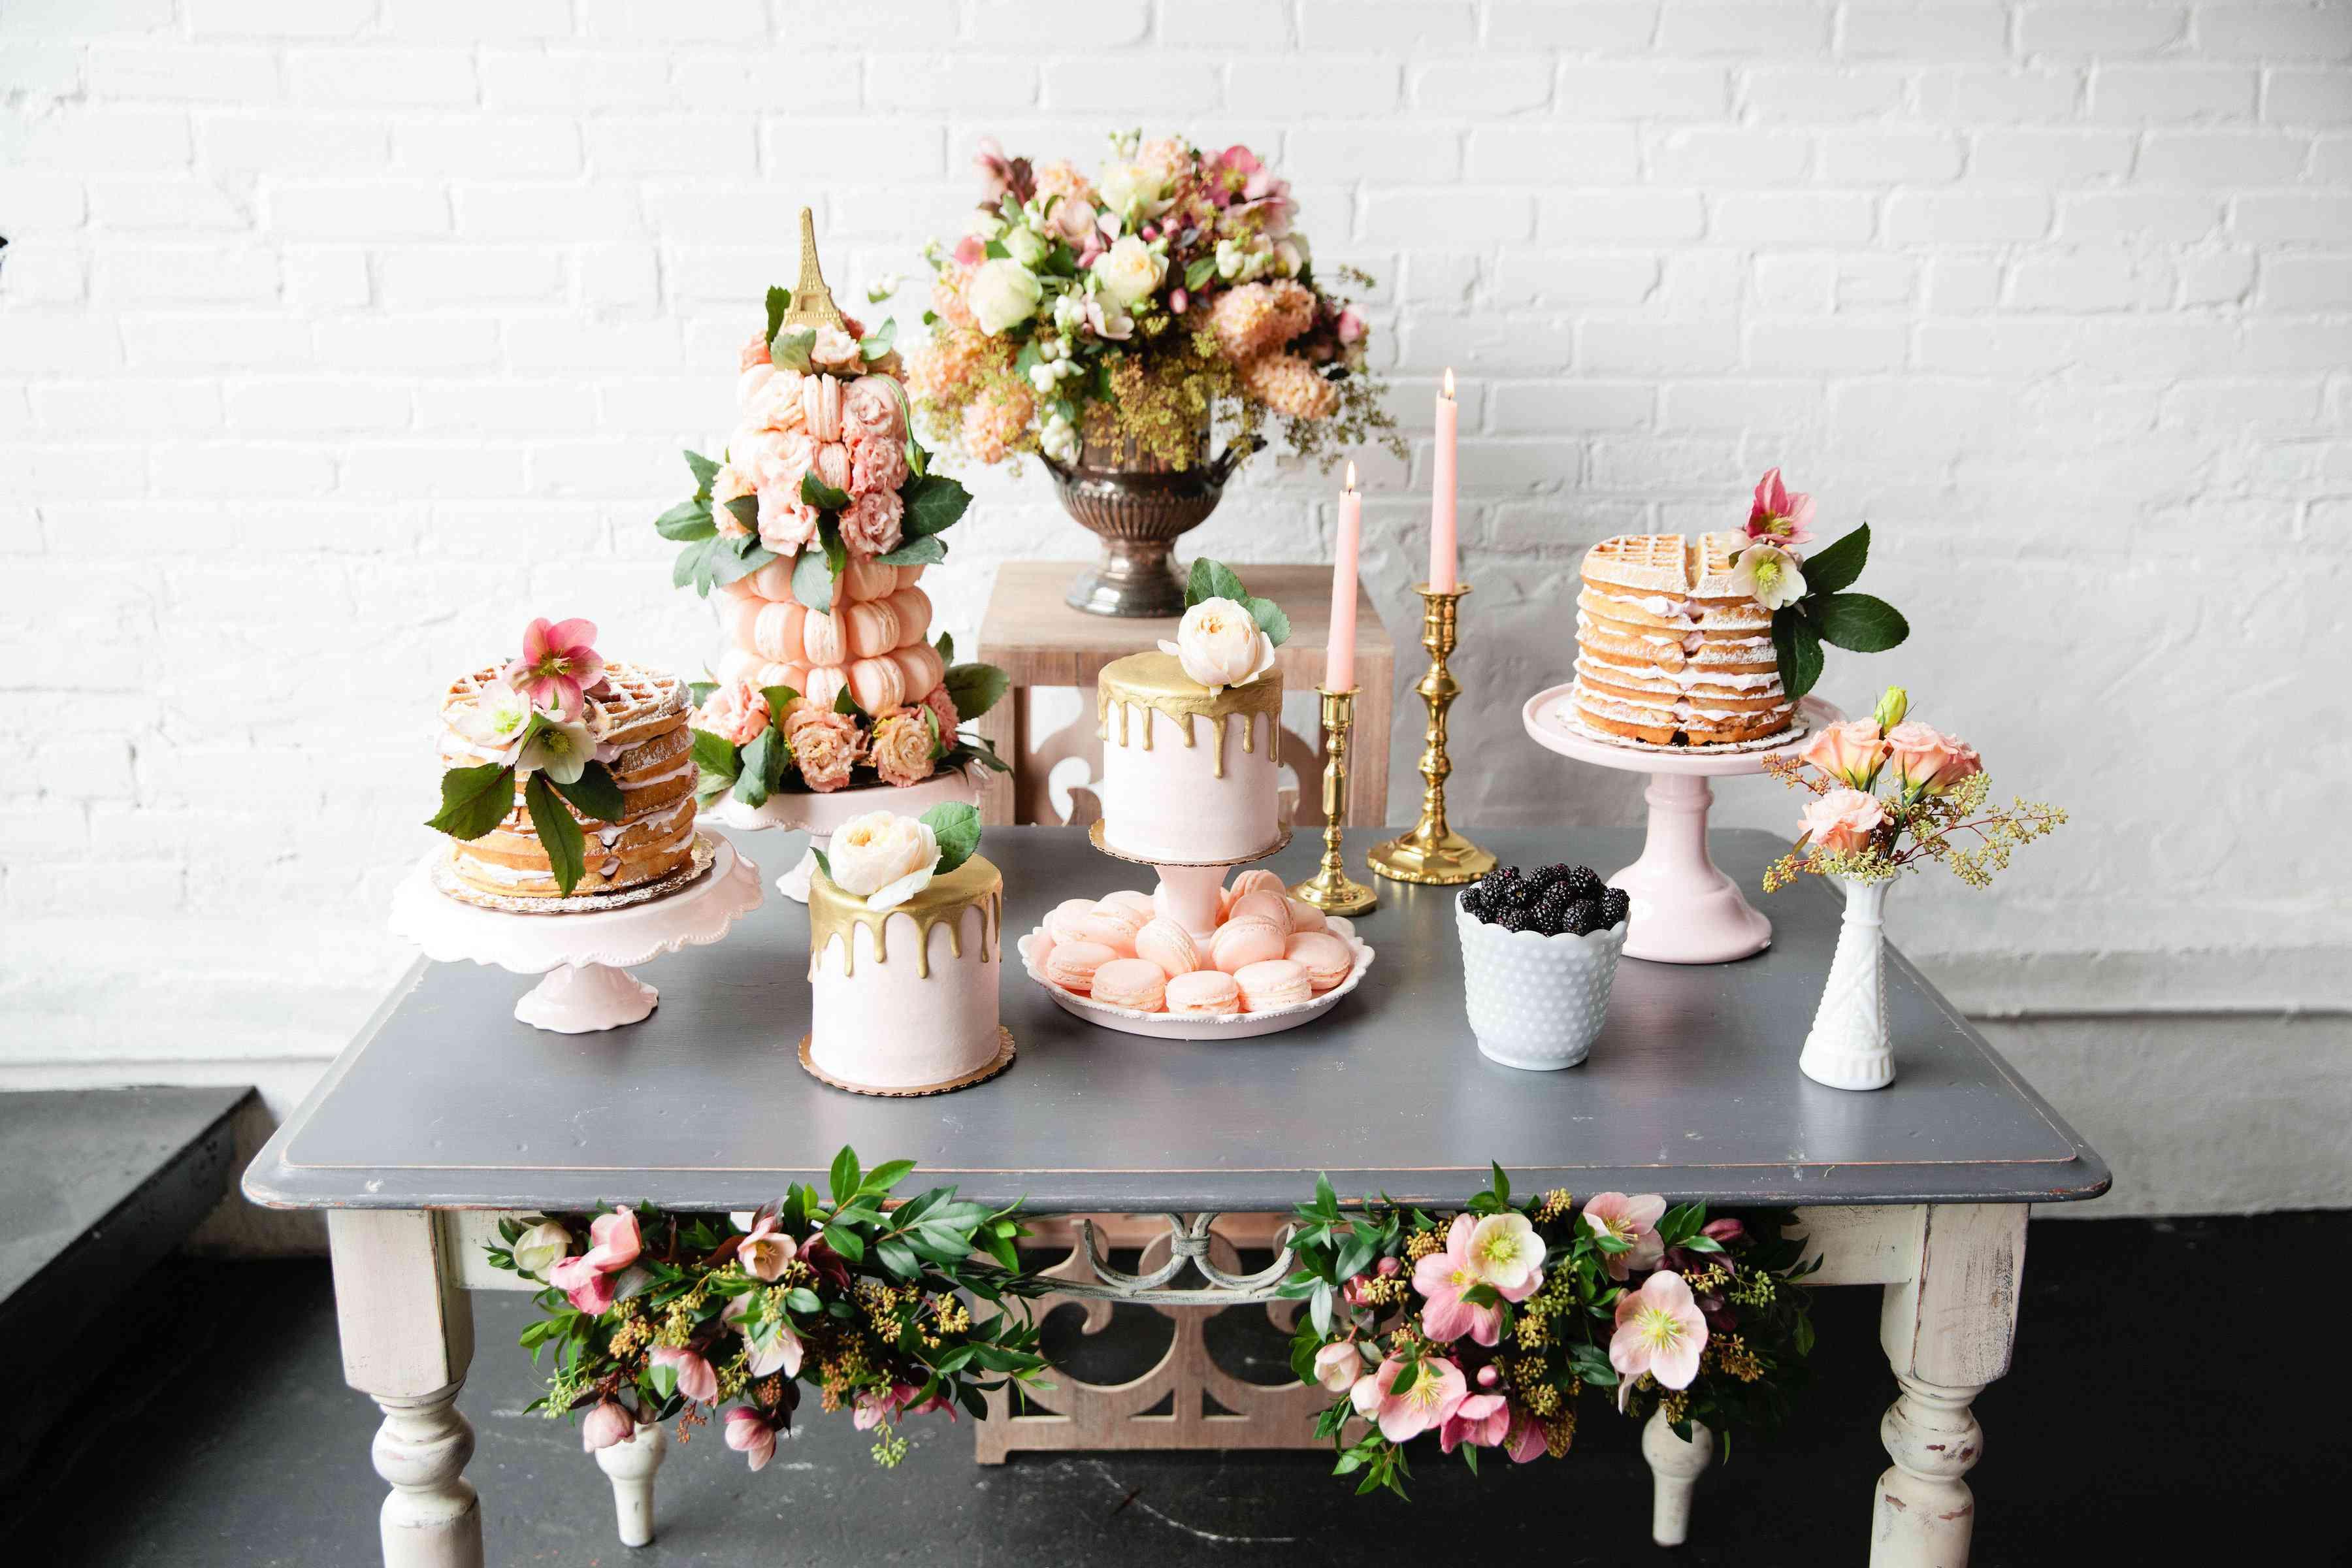 Dessert Table Ideas: 40 Unique Wedding Dessert Table Setups